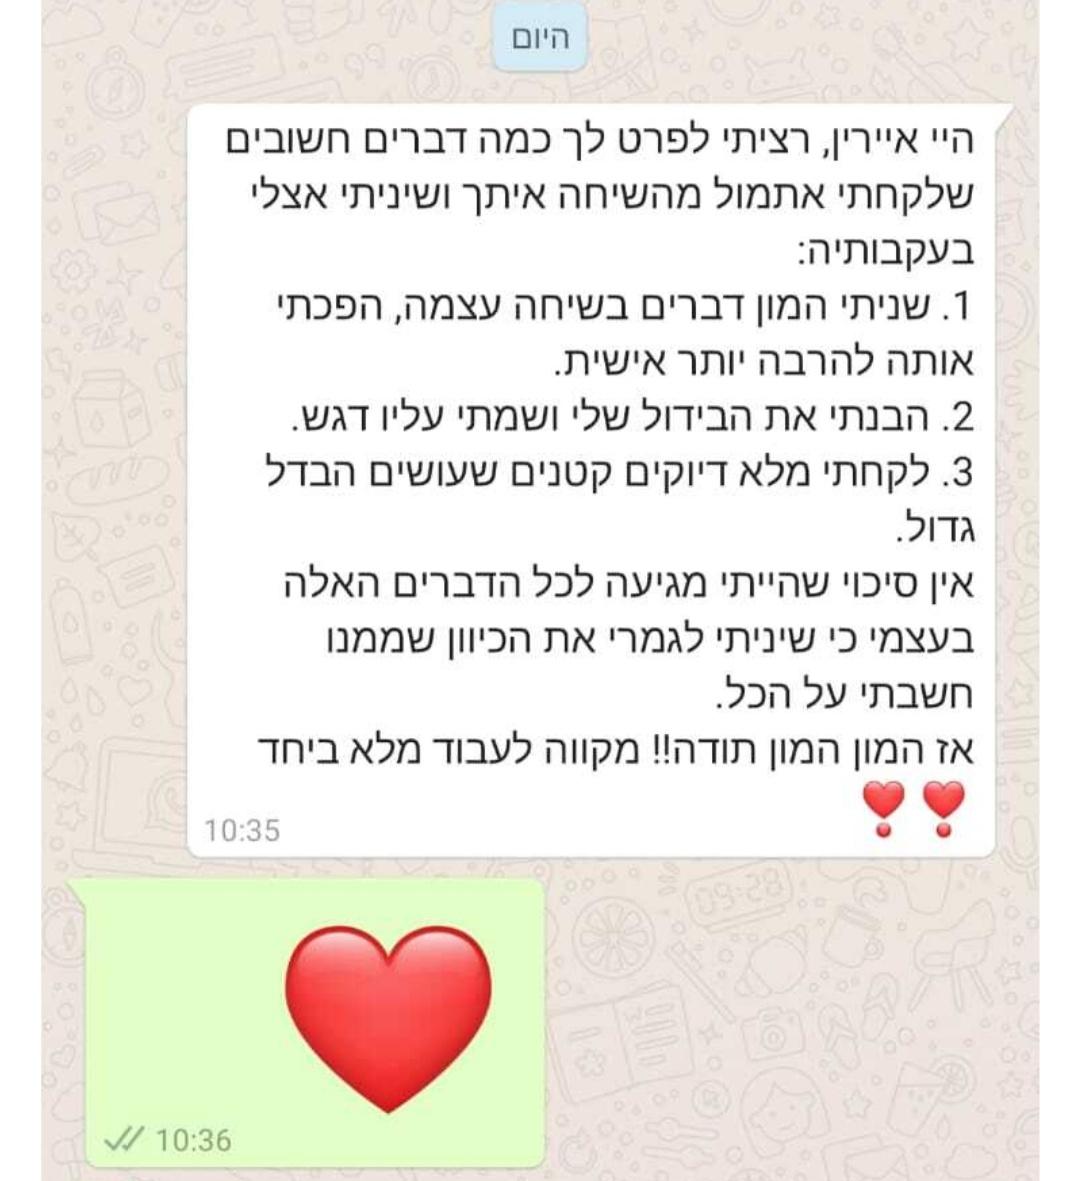 WhatsApp Image 2020-10-19 at 16.14.15